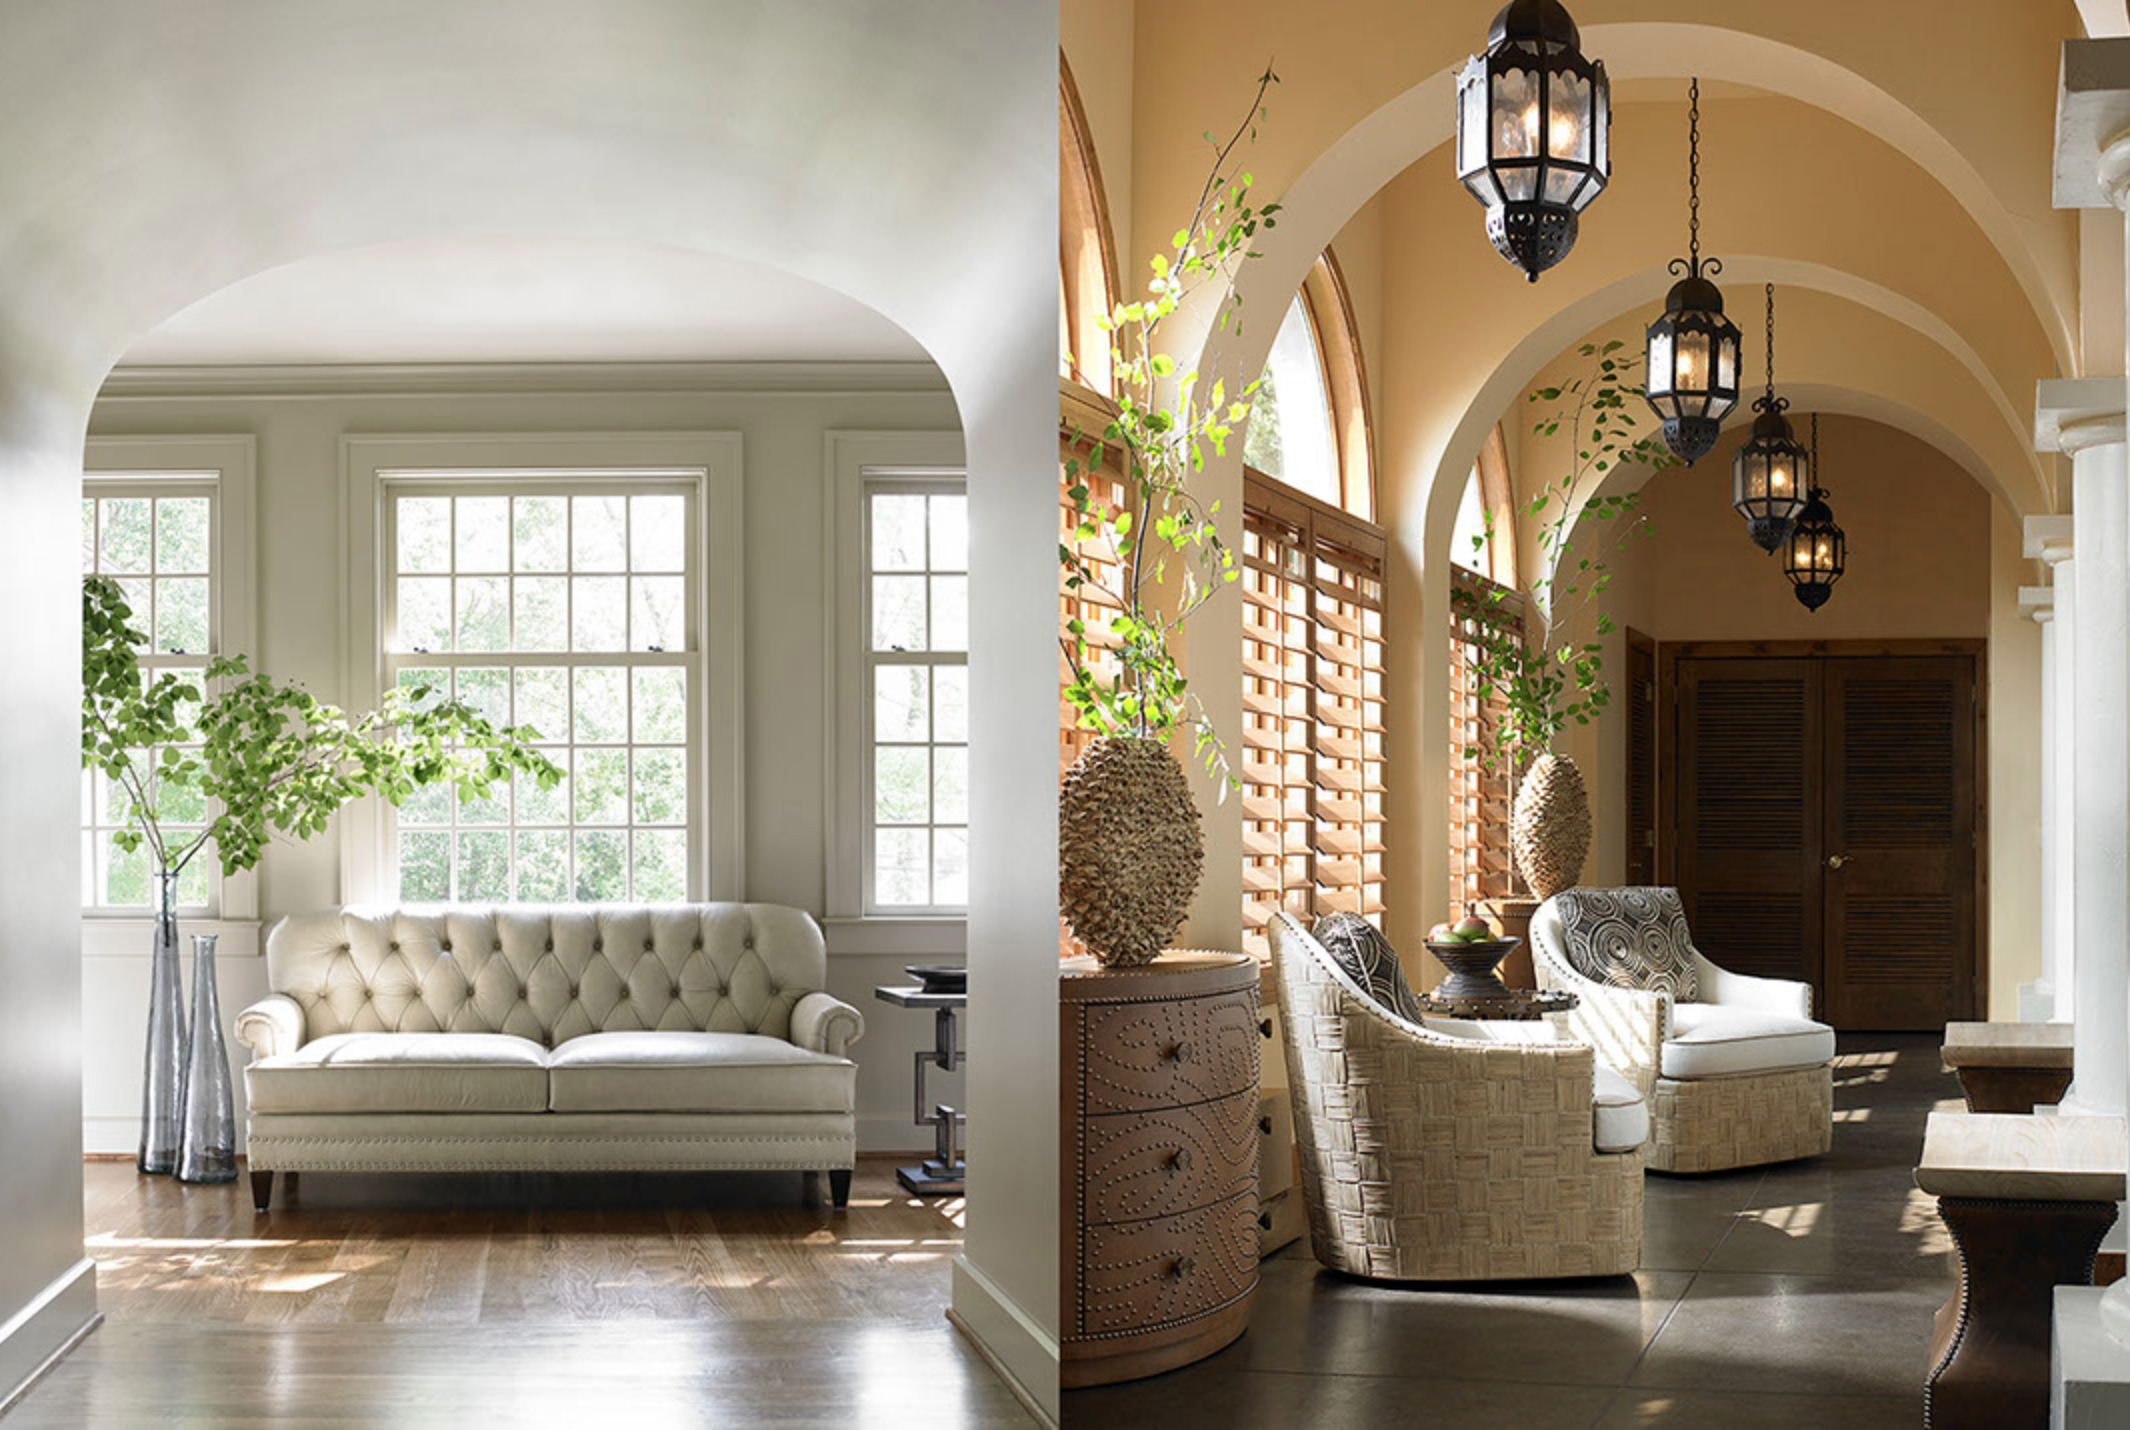 WO_Home Fashion_Furniture14